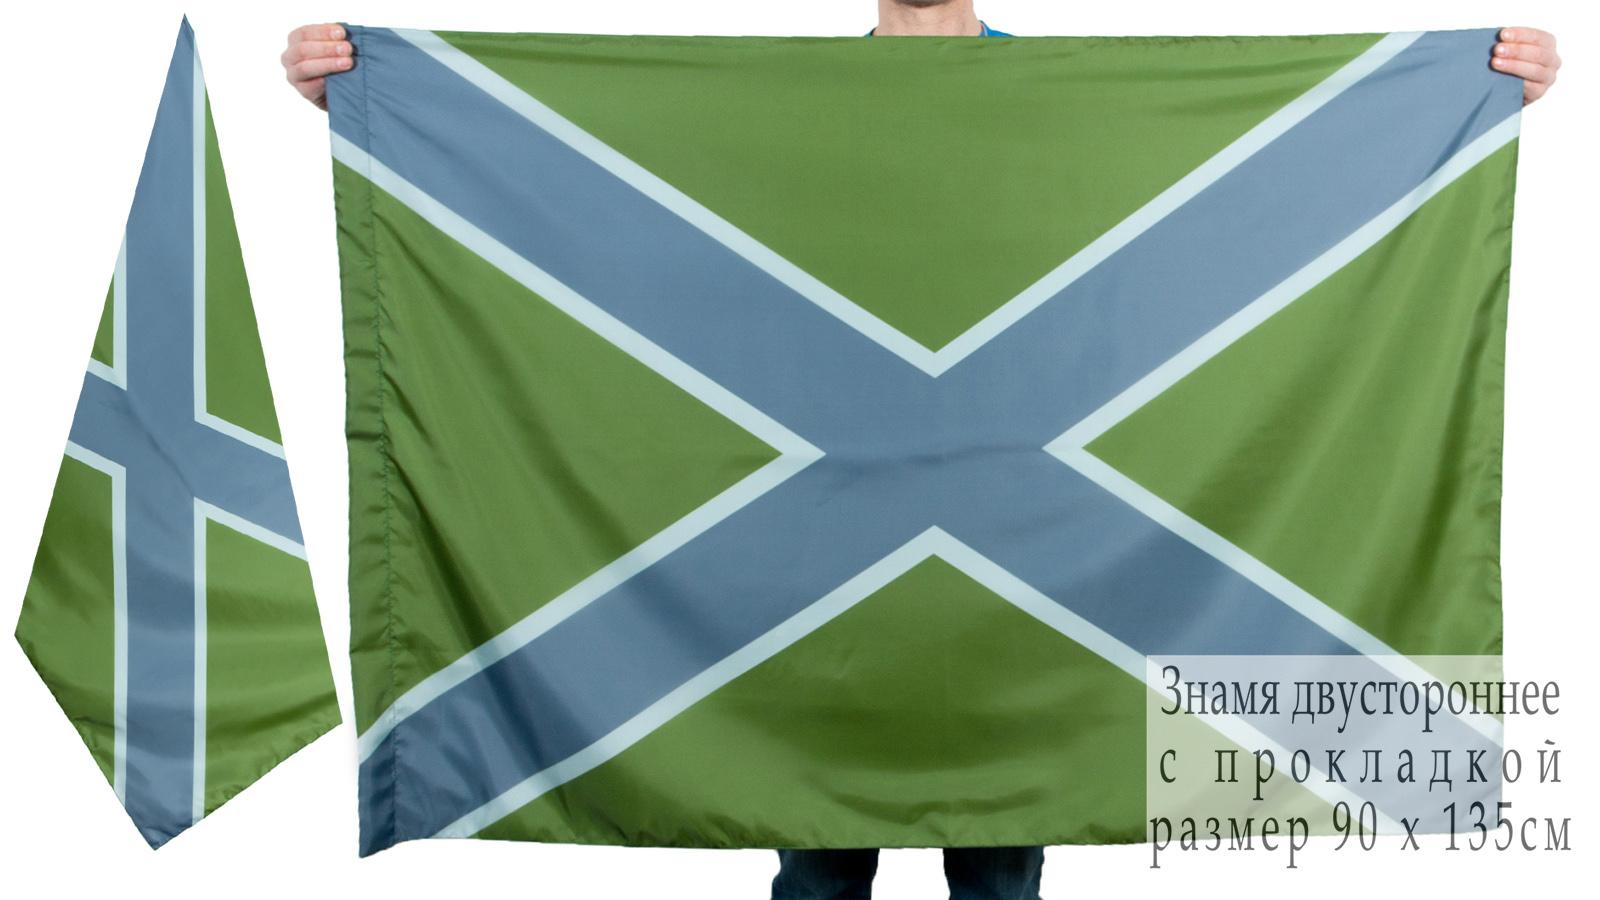 Купить двухсторонний флаг Новороссии с прочной прокладкой